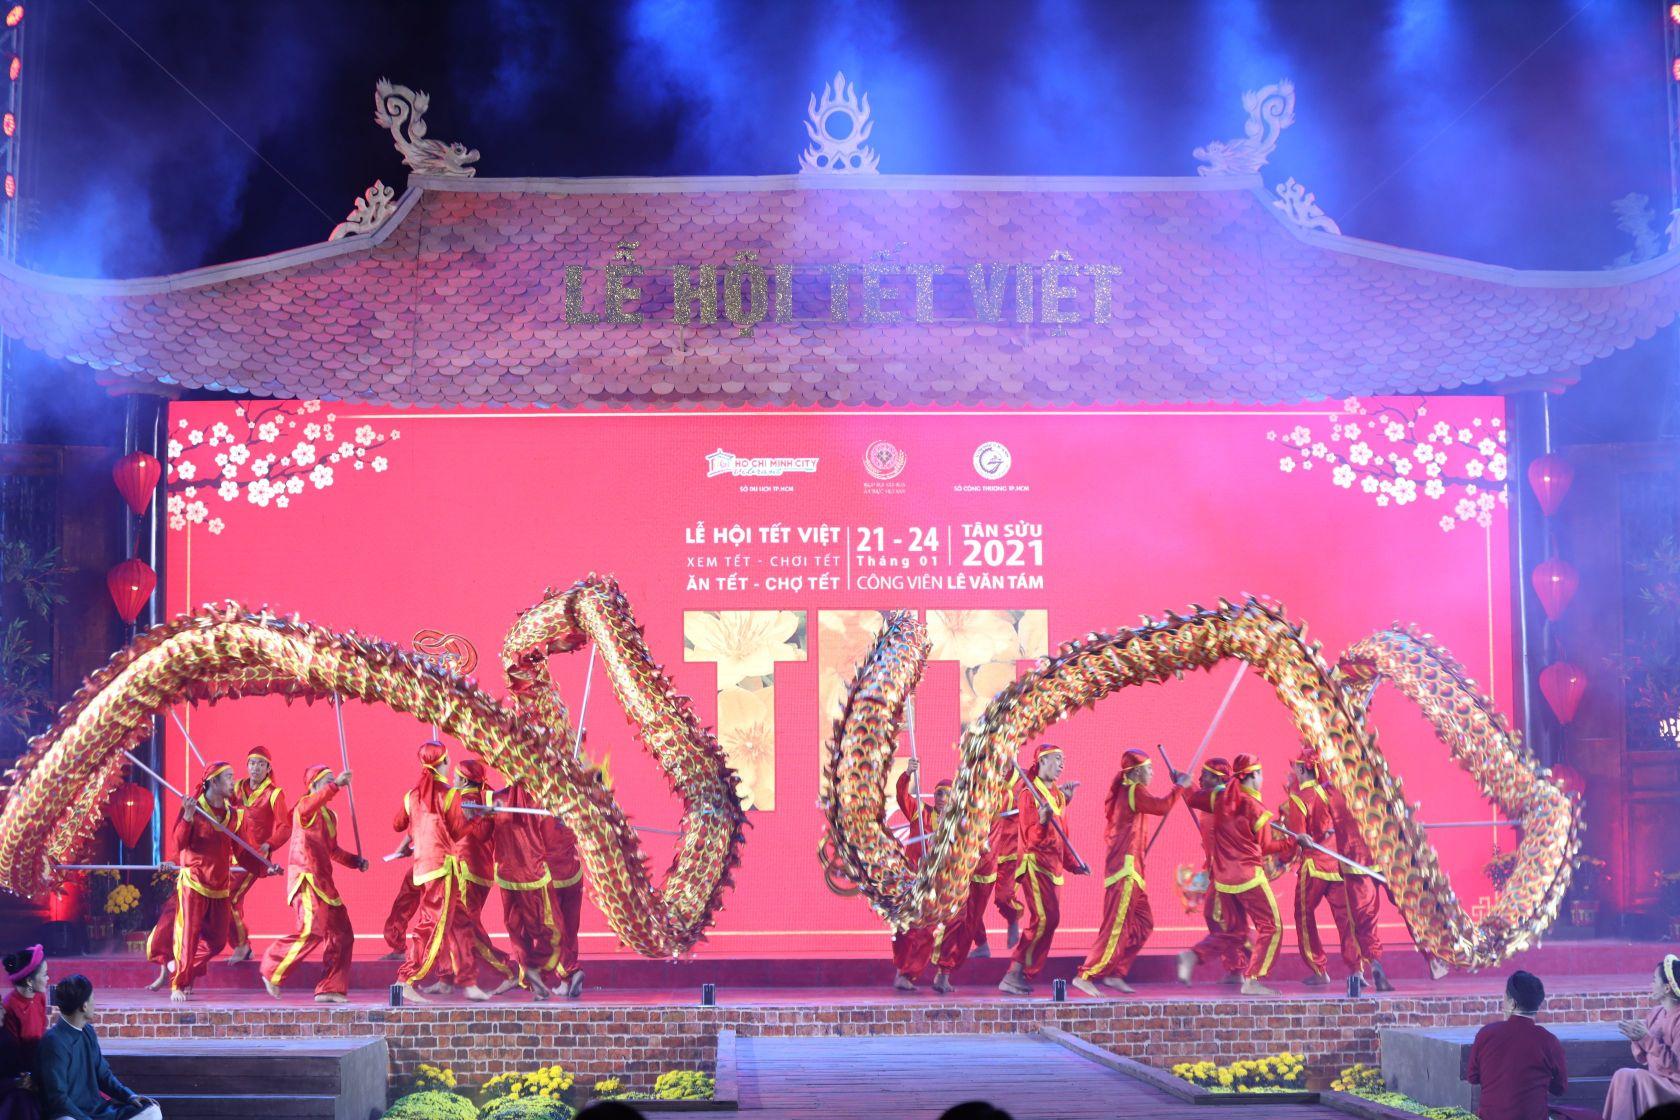 le hoi tet viet 3 Lễ hội Tết Việt 2021 chính thức khai mạc với nhiều hoạt động thú vị